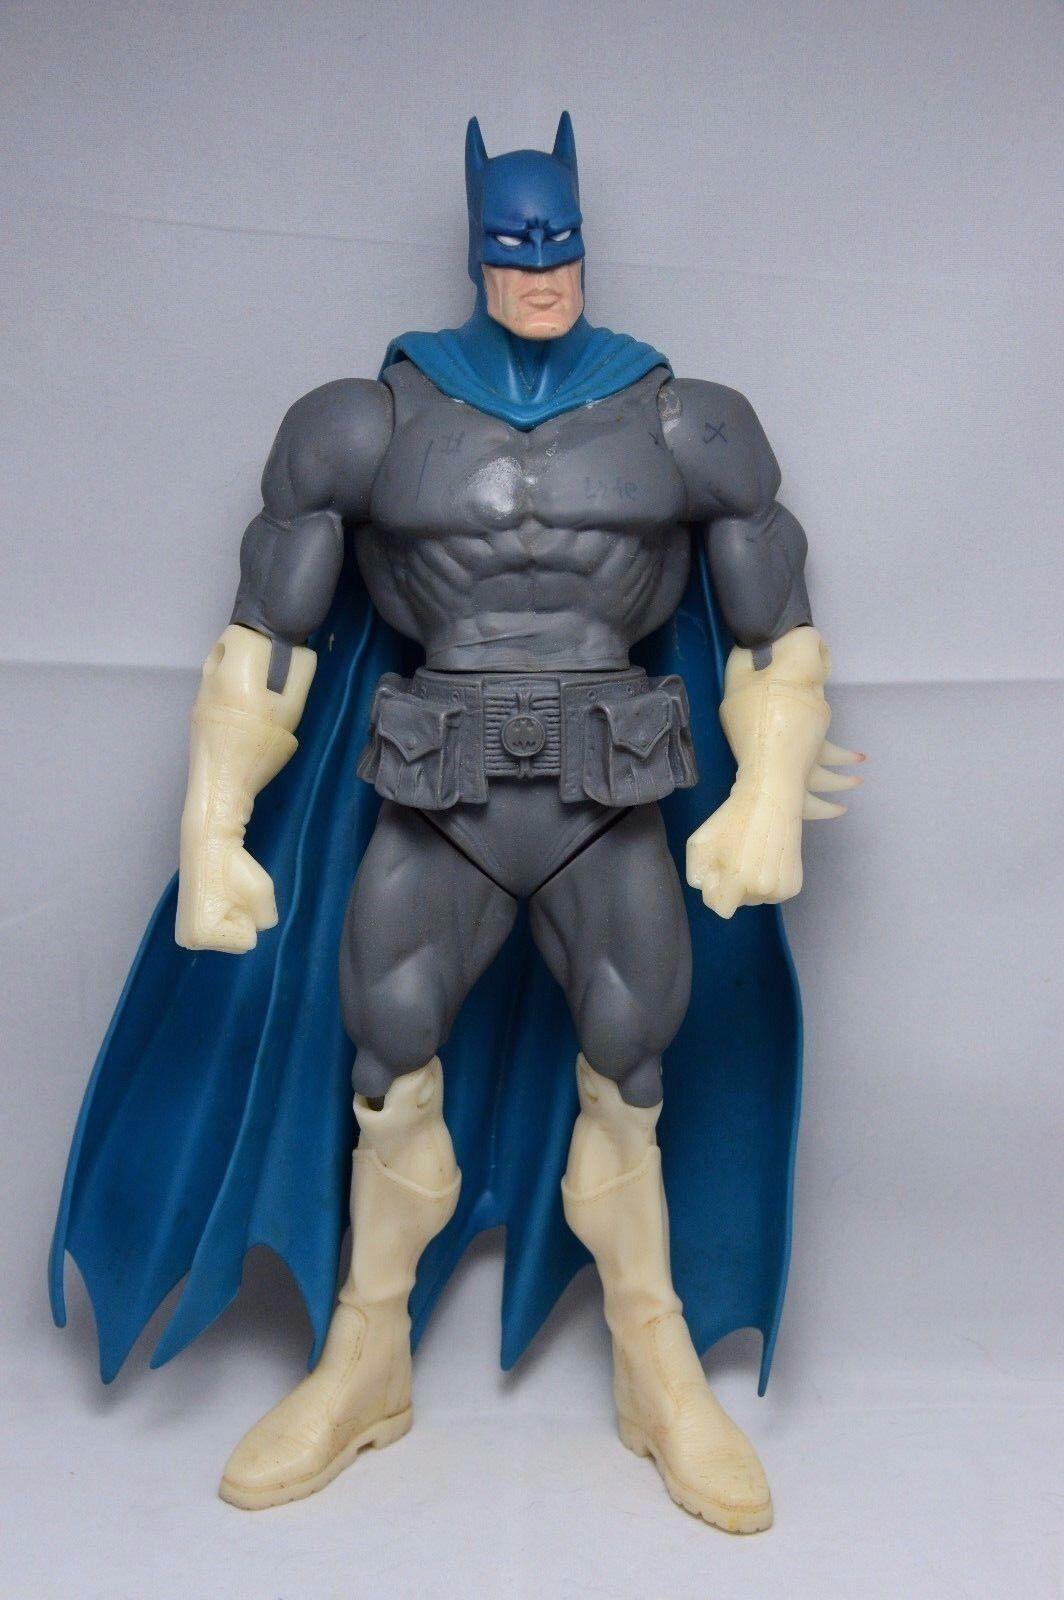 Dc - helden toysrus ohne besondere 12  batman - figur prototyp testshot